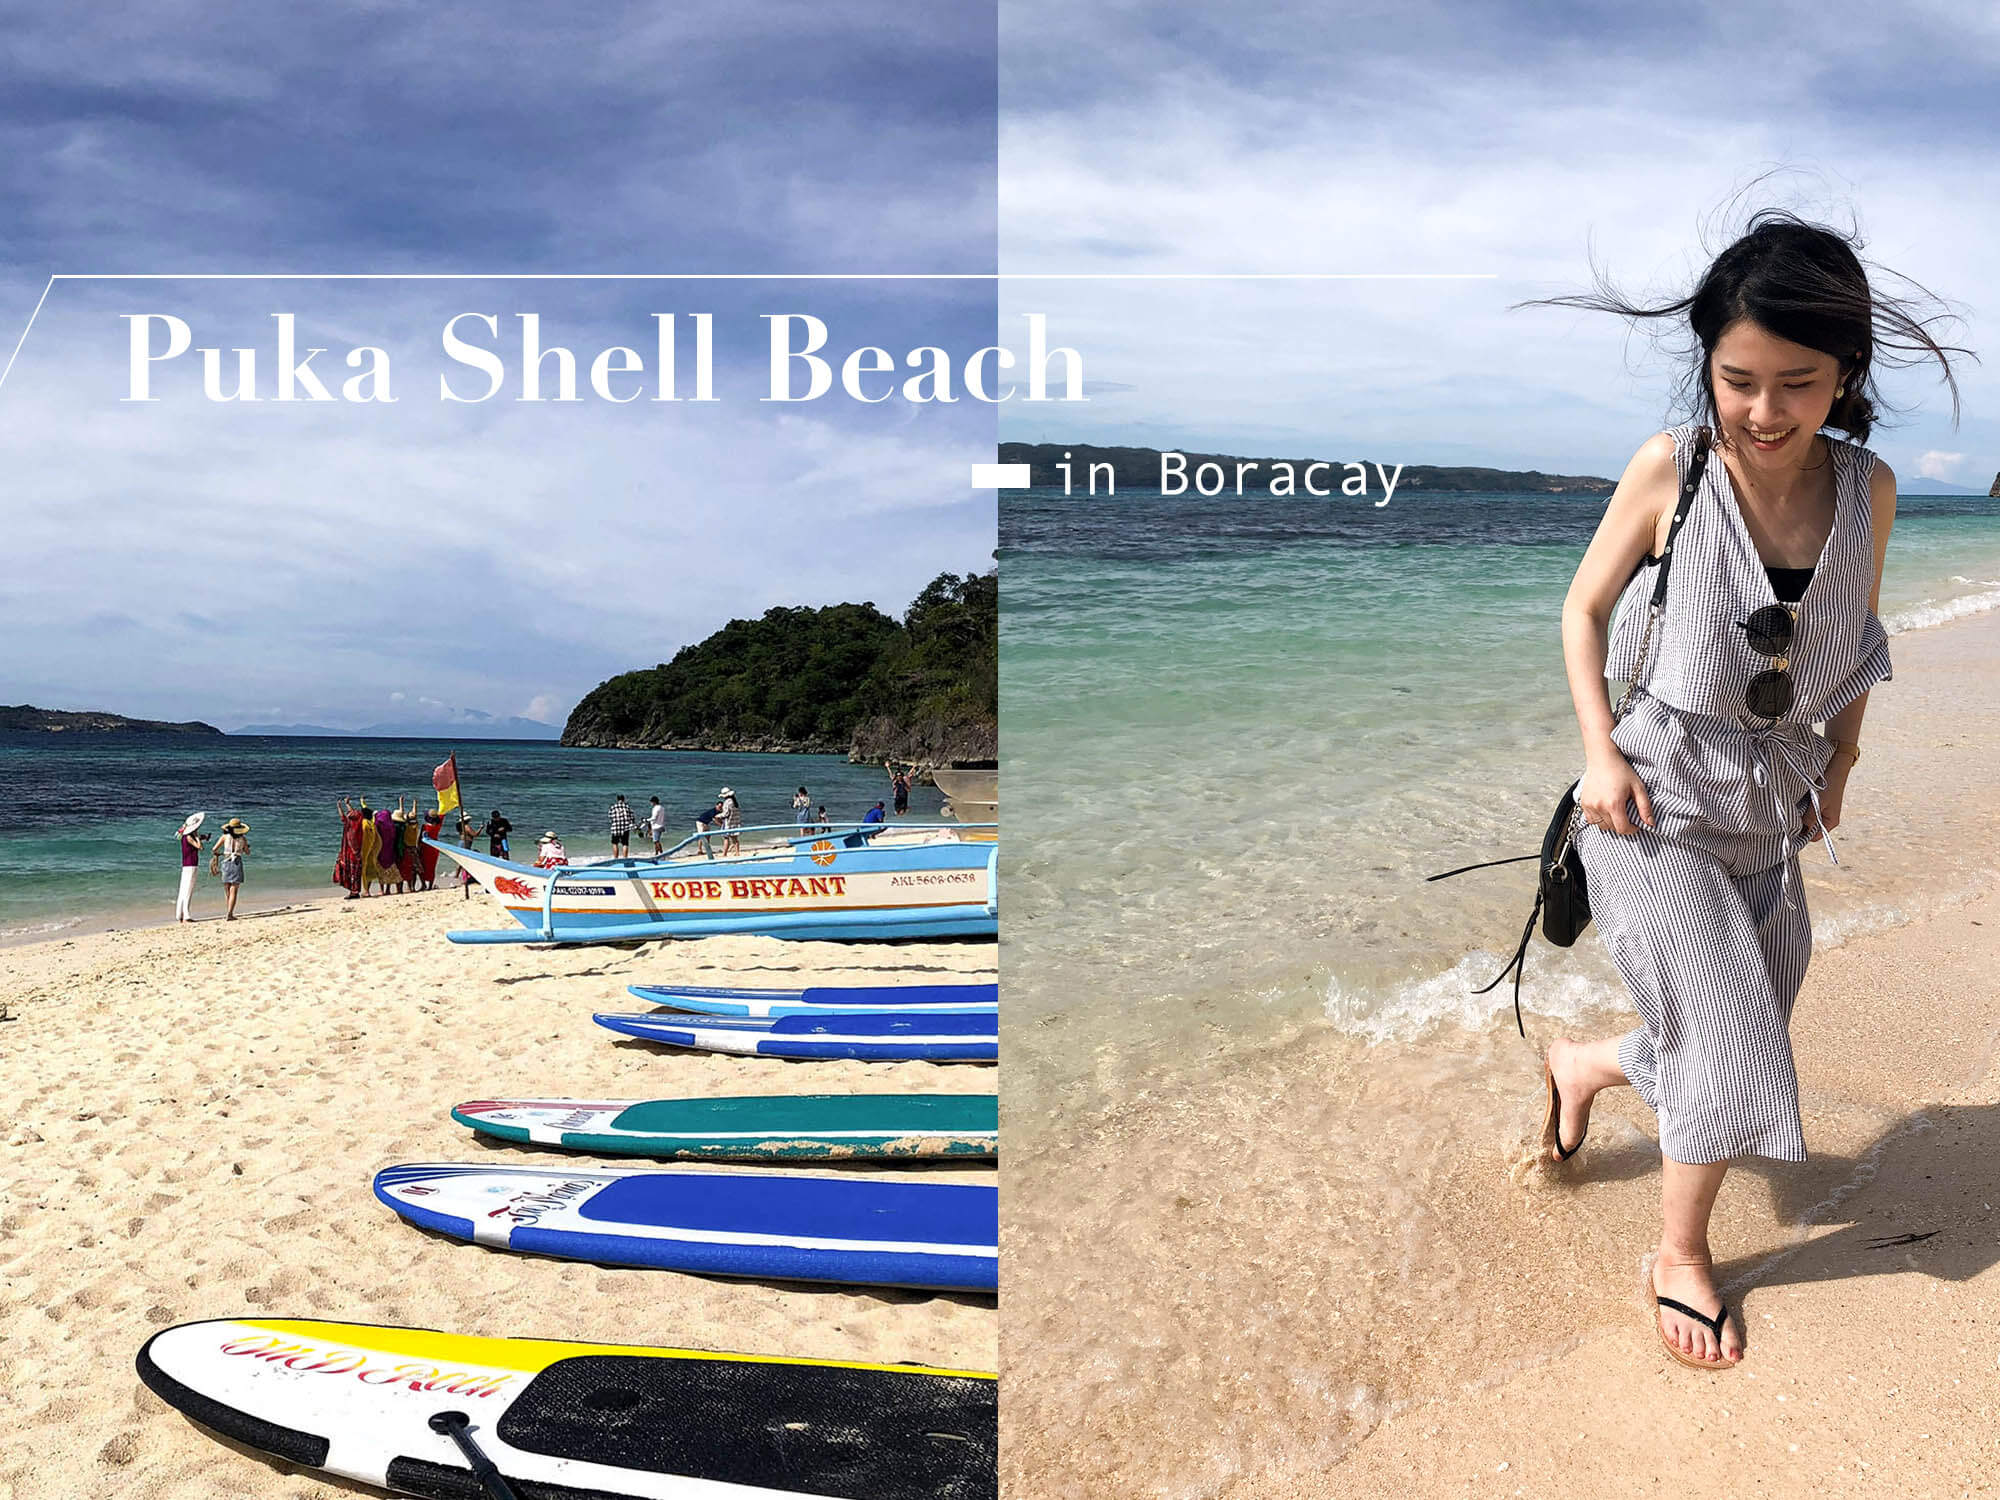 長灘島|看夕陽的絕美私藏景點Puka Shell Beach(含交通方式)